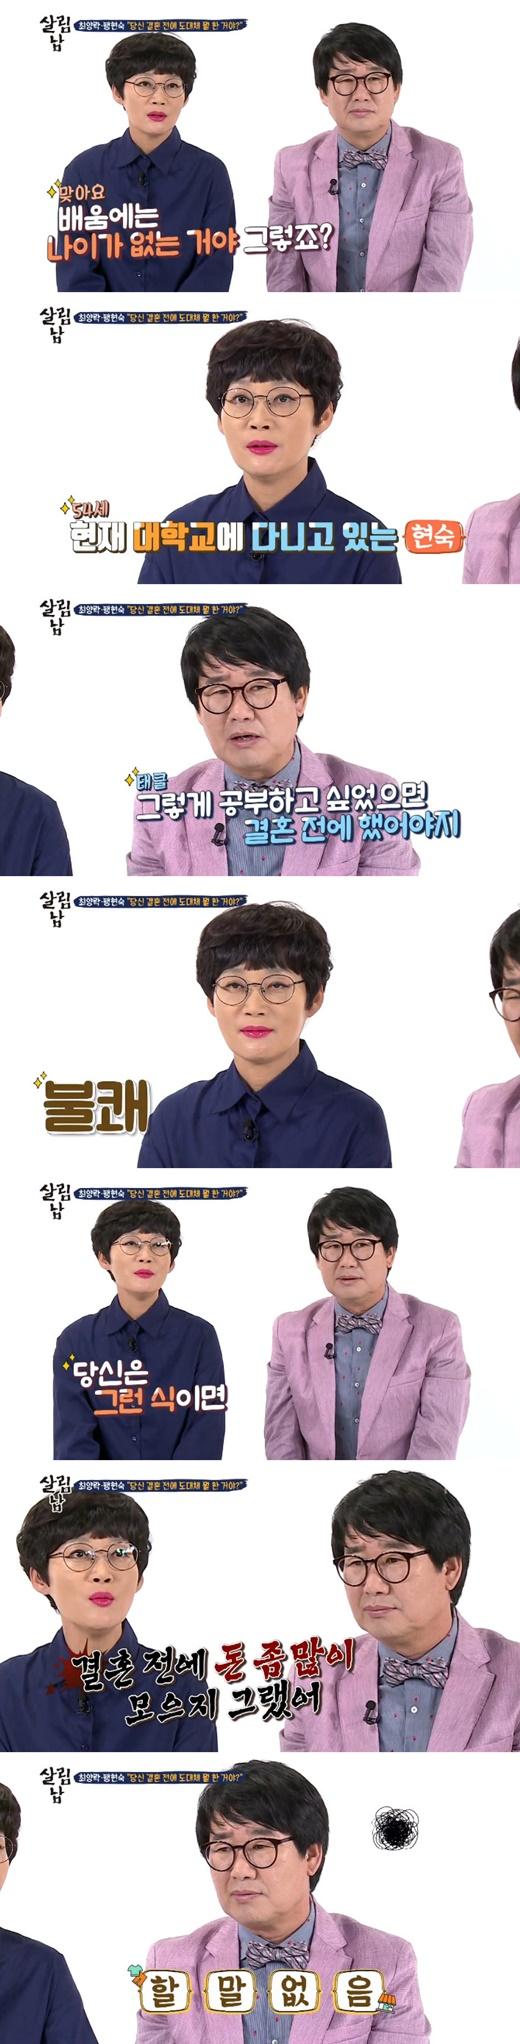 """'살림남2' 팽현숙, 최양락에 """"결혼 전에 돈 모으지, 왜 못했냐"""" 발끈"""